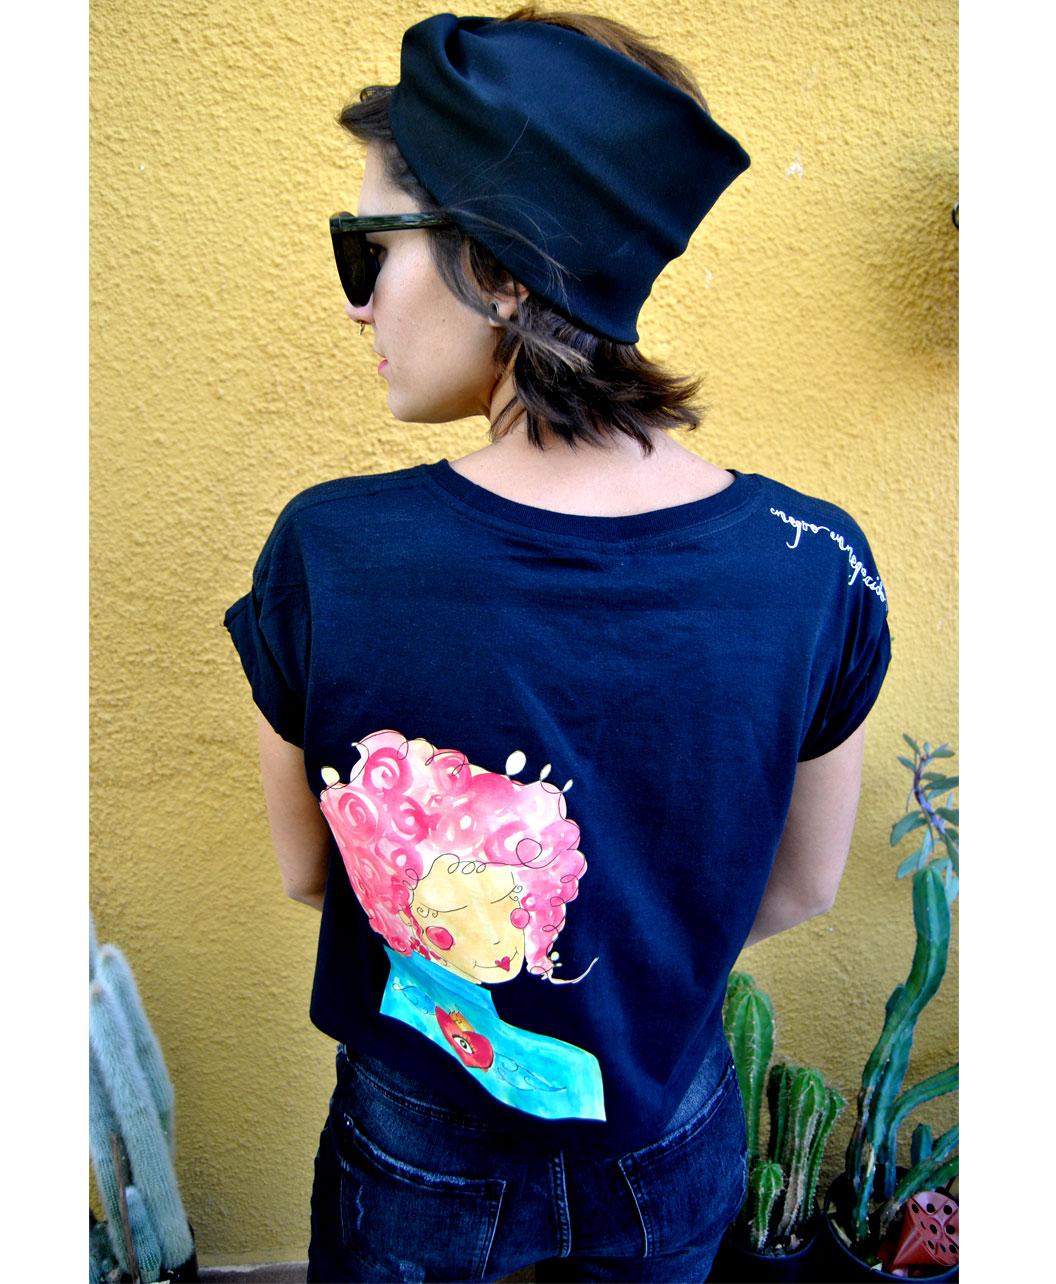 camiseta mujer corta estilo alternativo diferente original chica pelo rosa